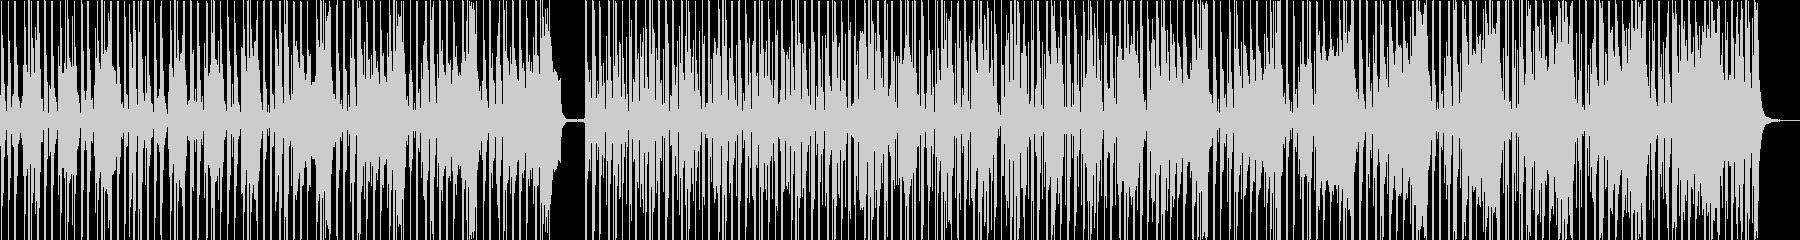 バリバリの典型的ファンクの未再生の波形